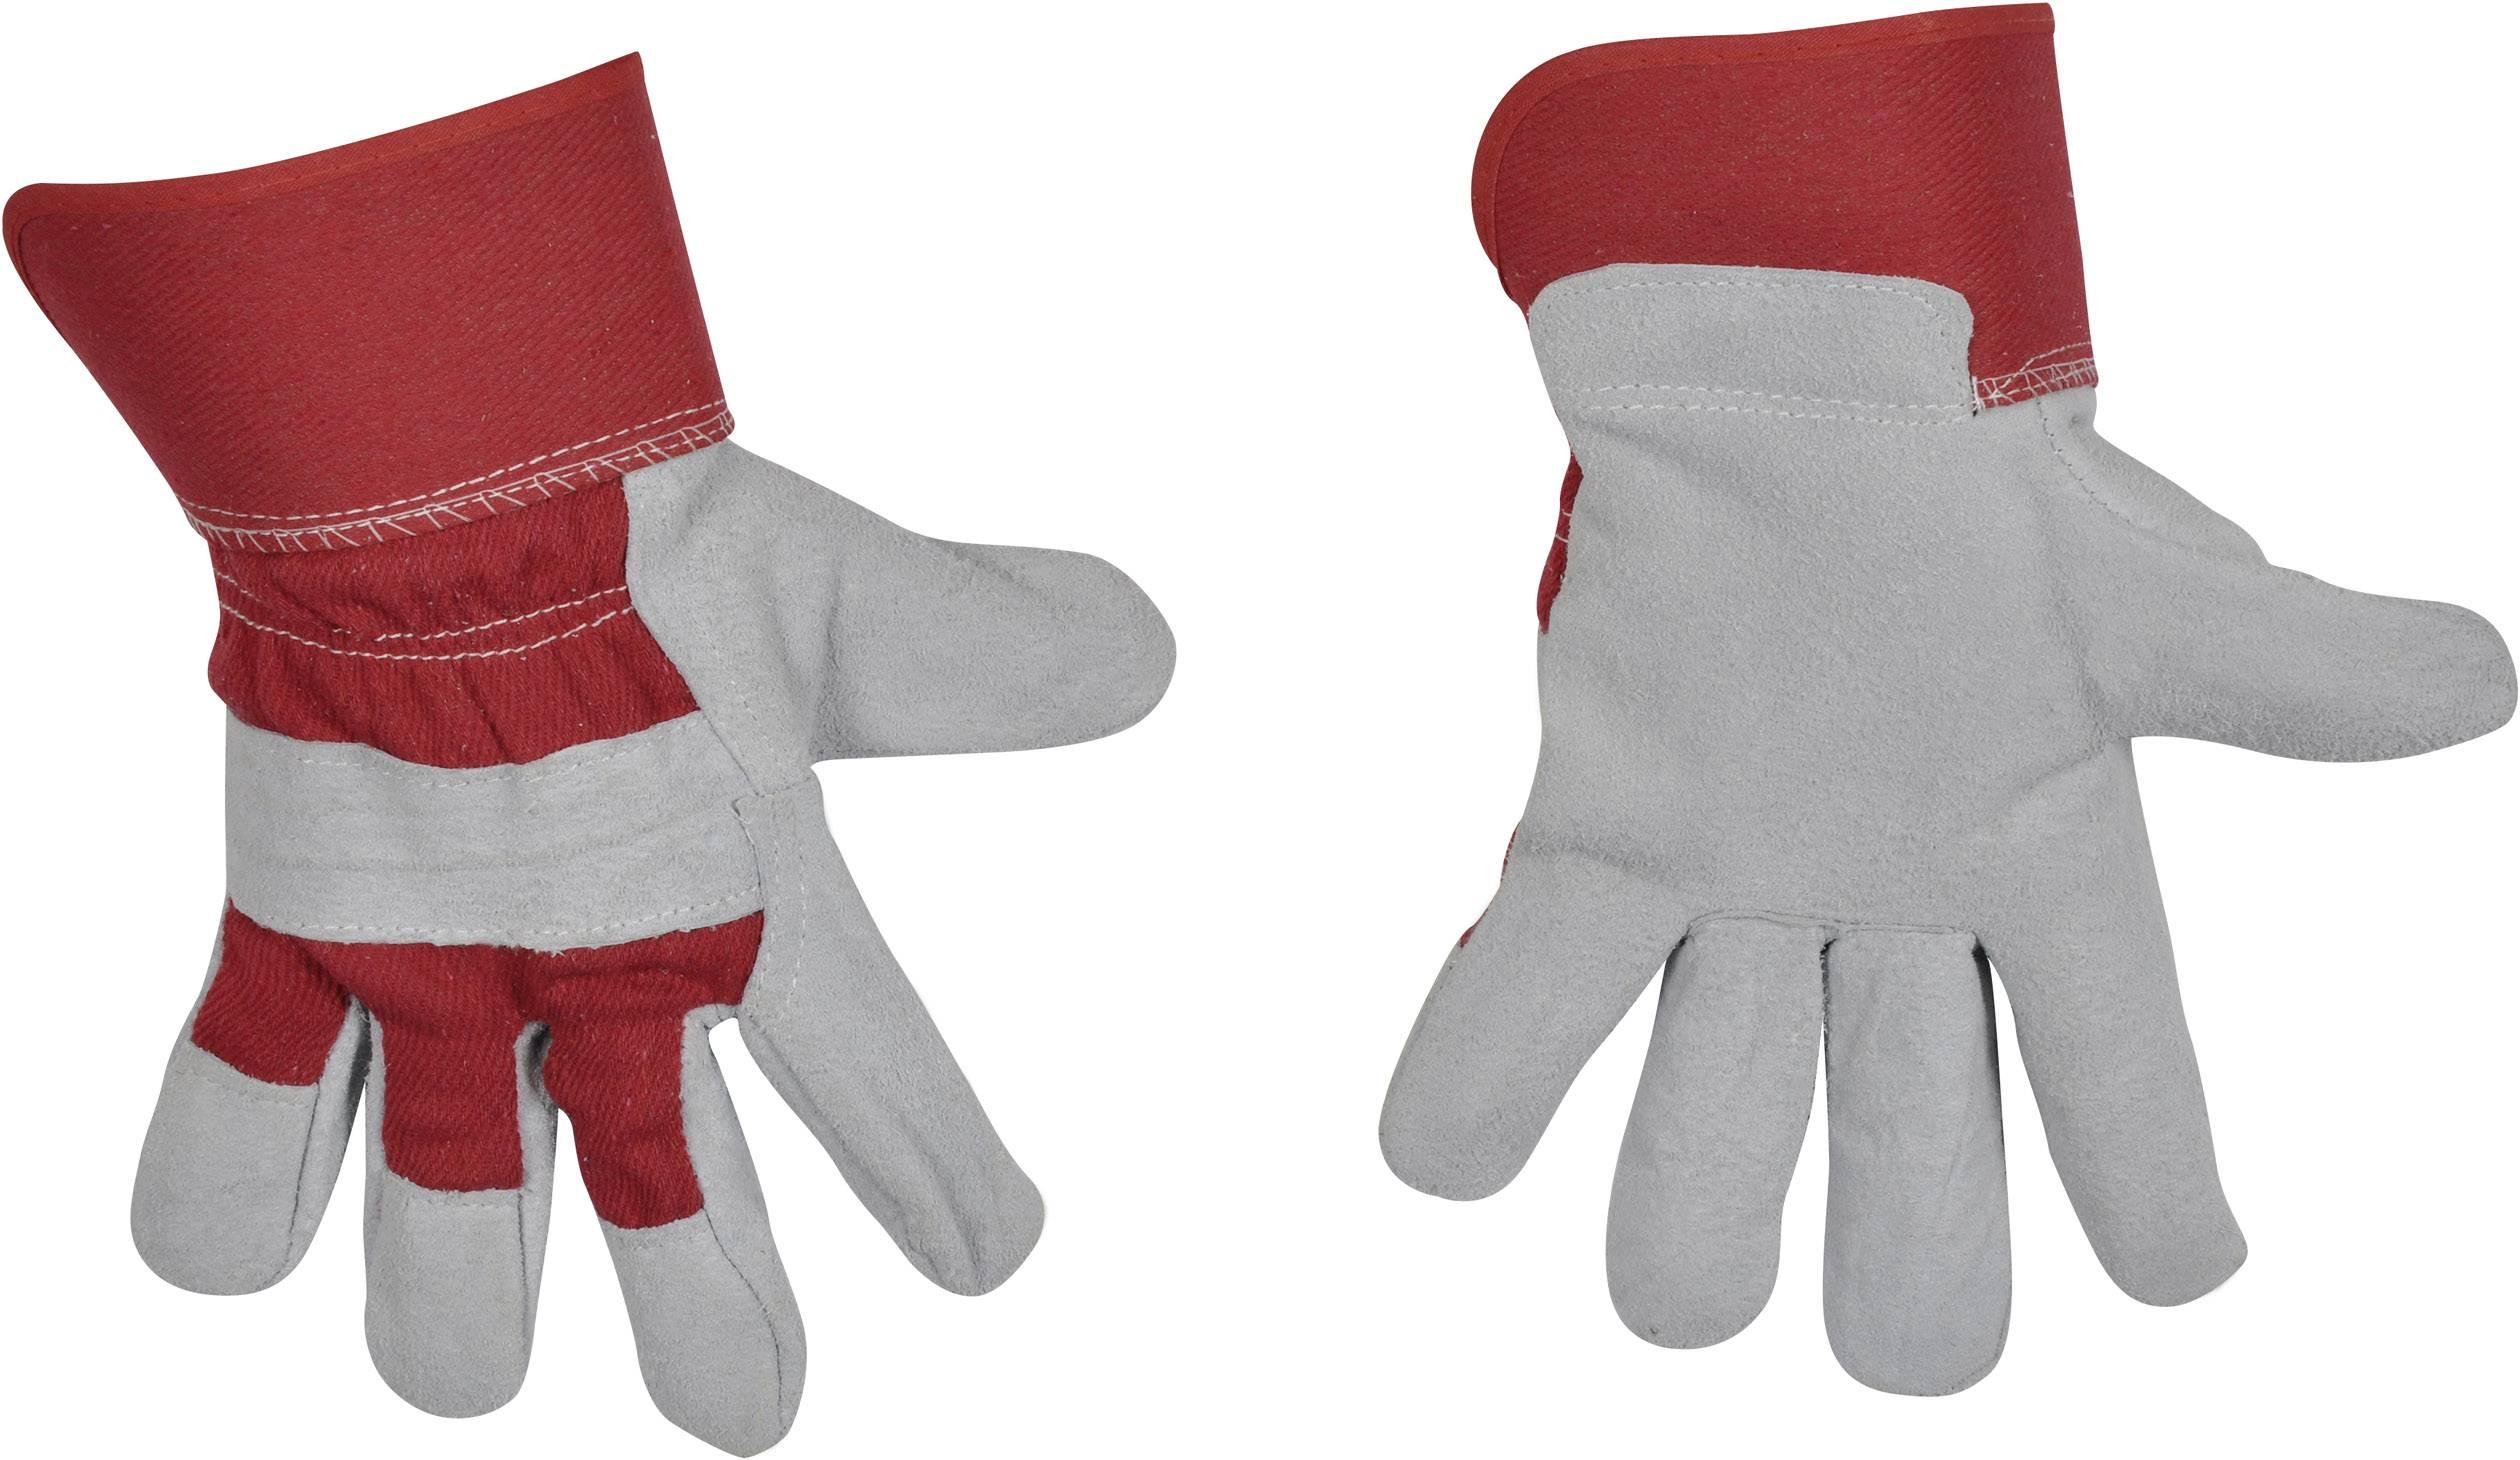 Pracovní rukavice AVIT AV13071, velikost rukavic: 10, XL